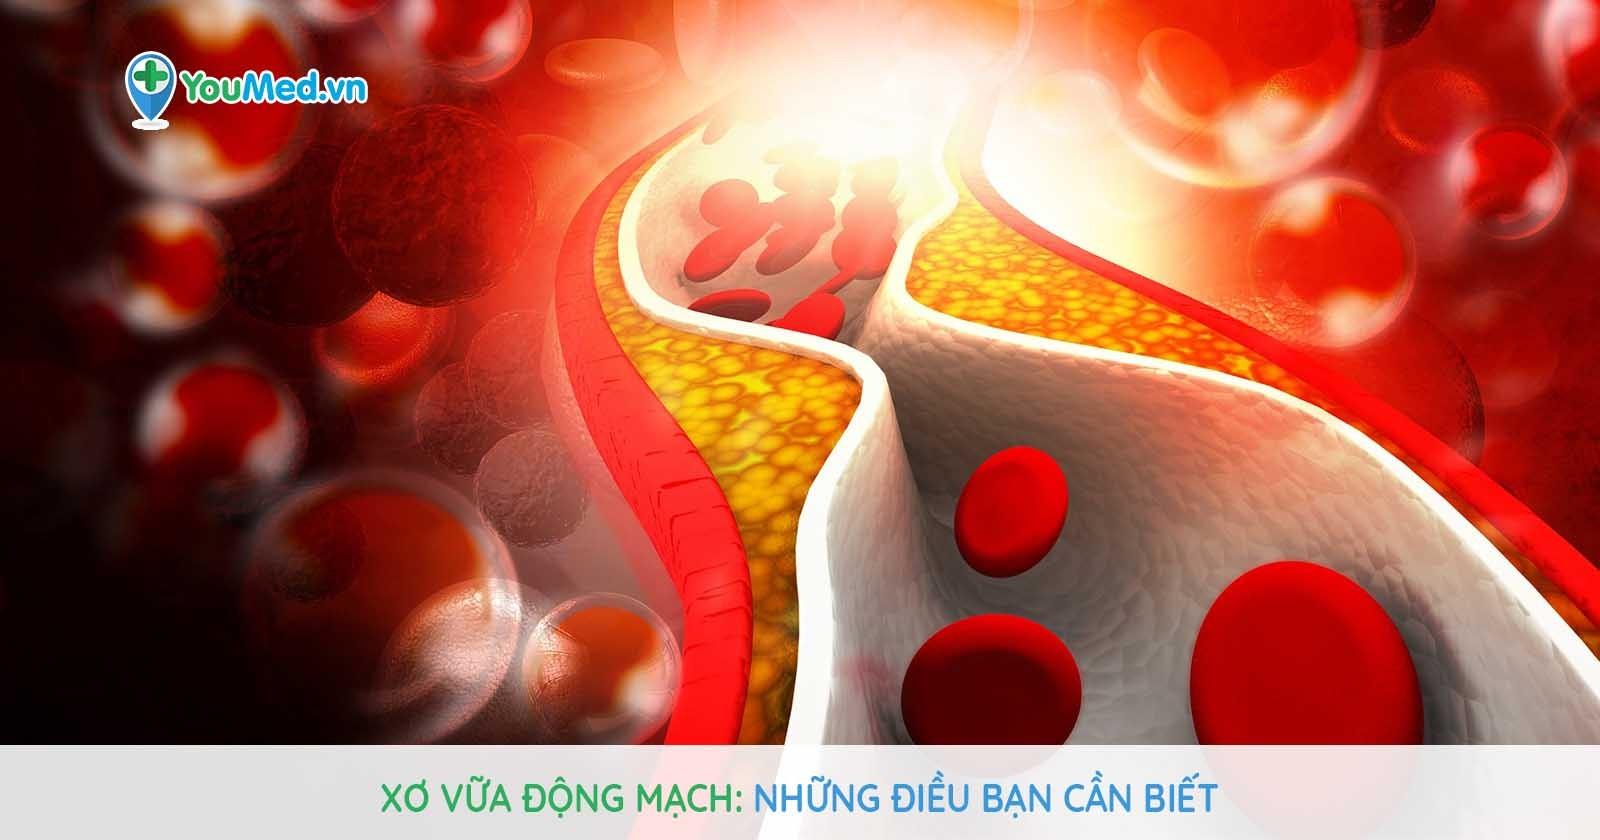 Xơ vữa động mạch: Những điều bạn cần biết